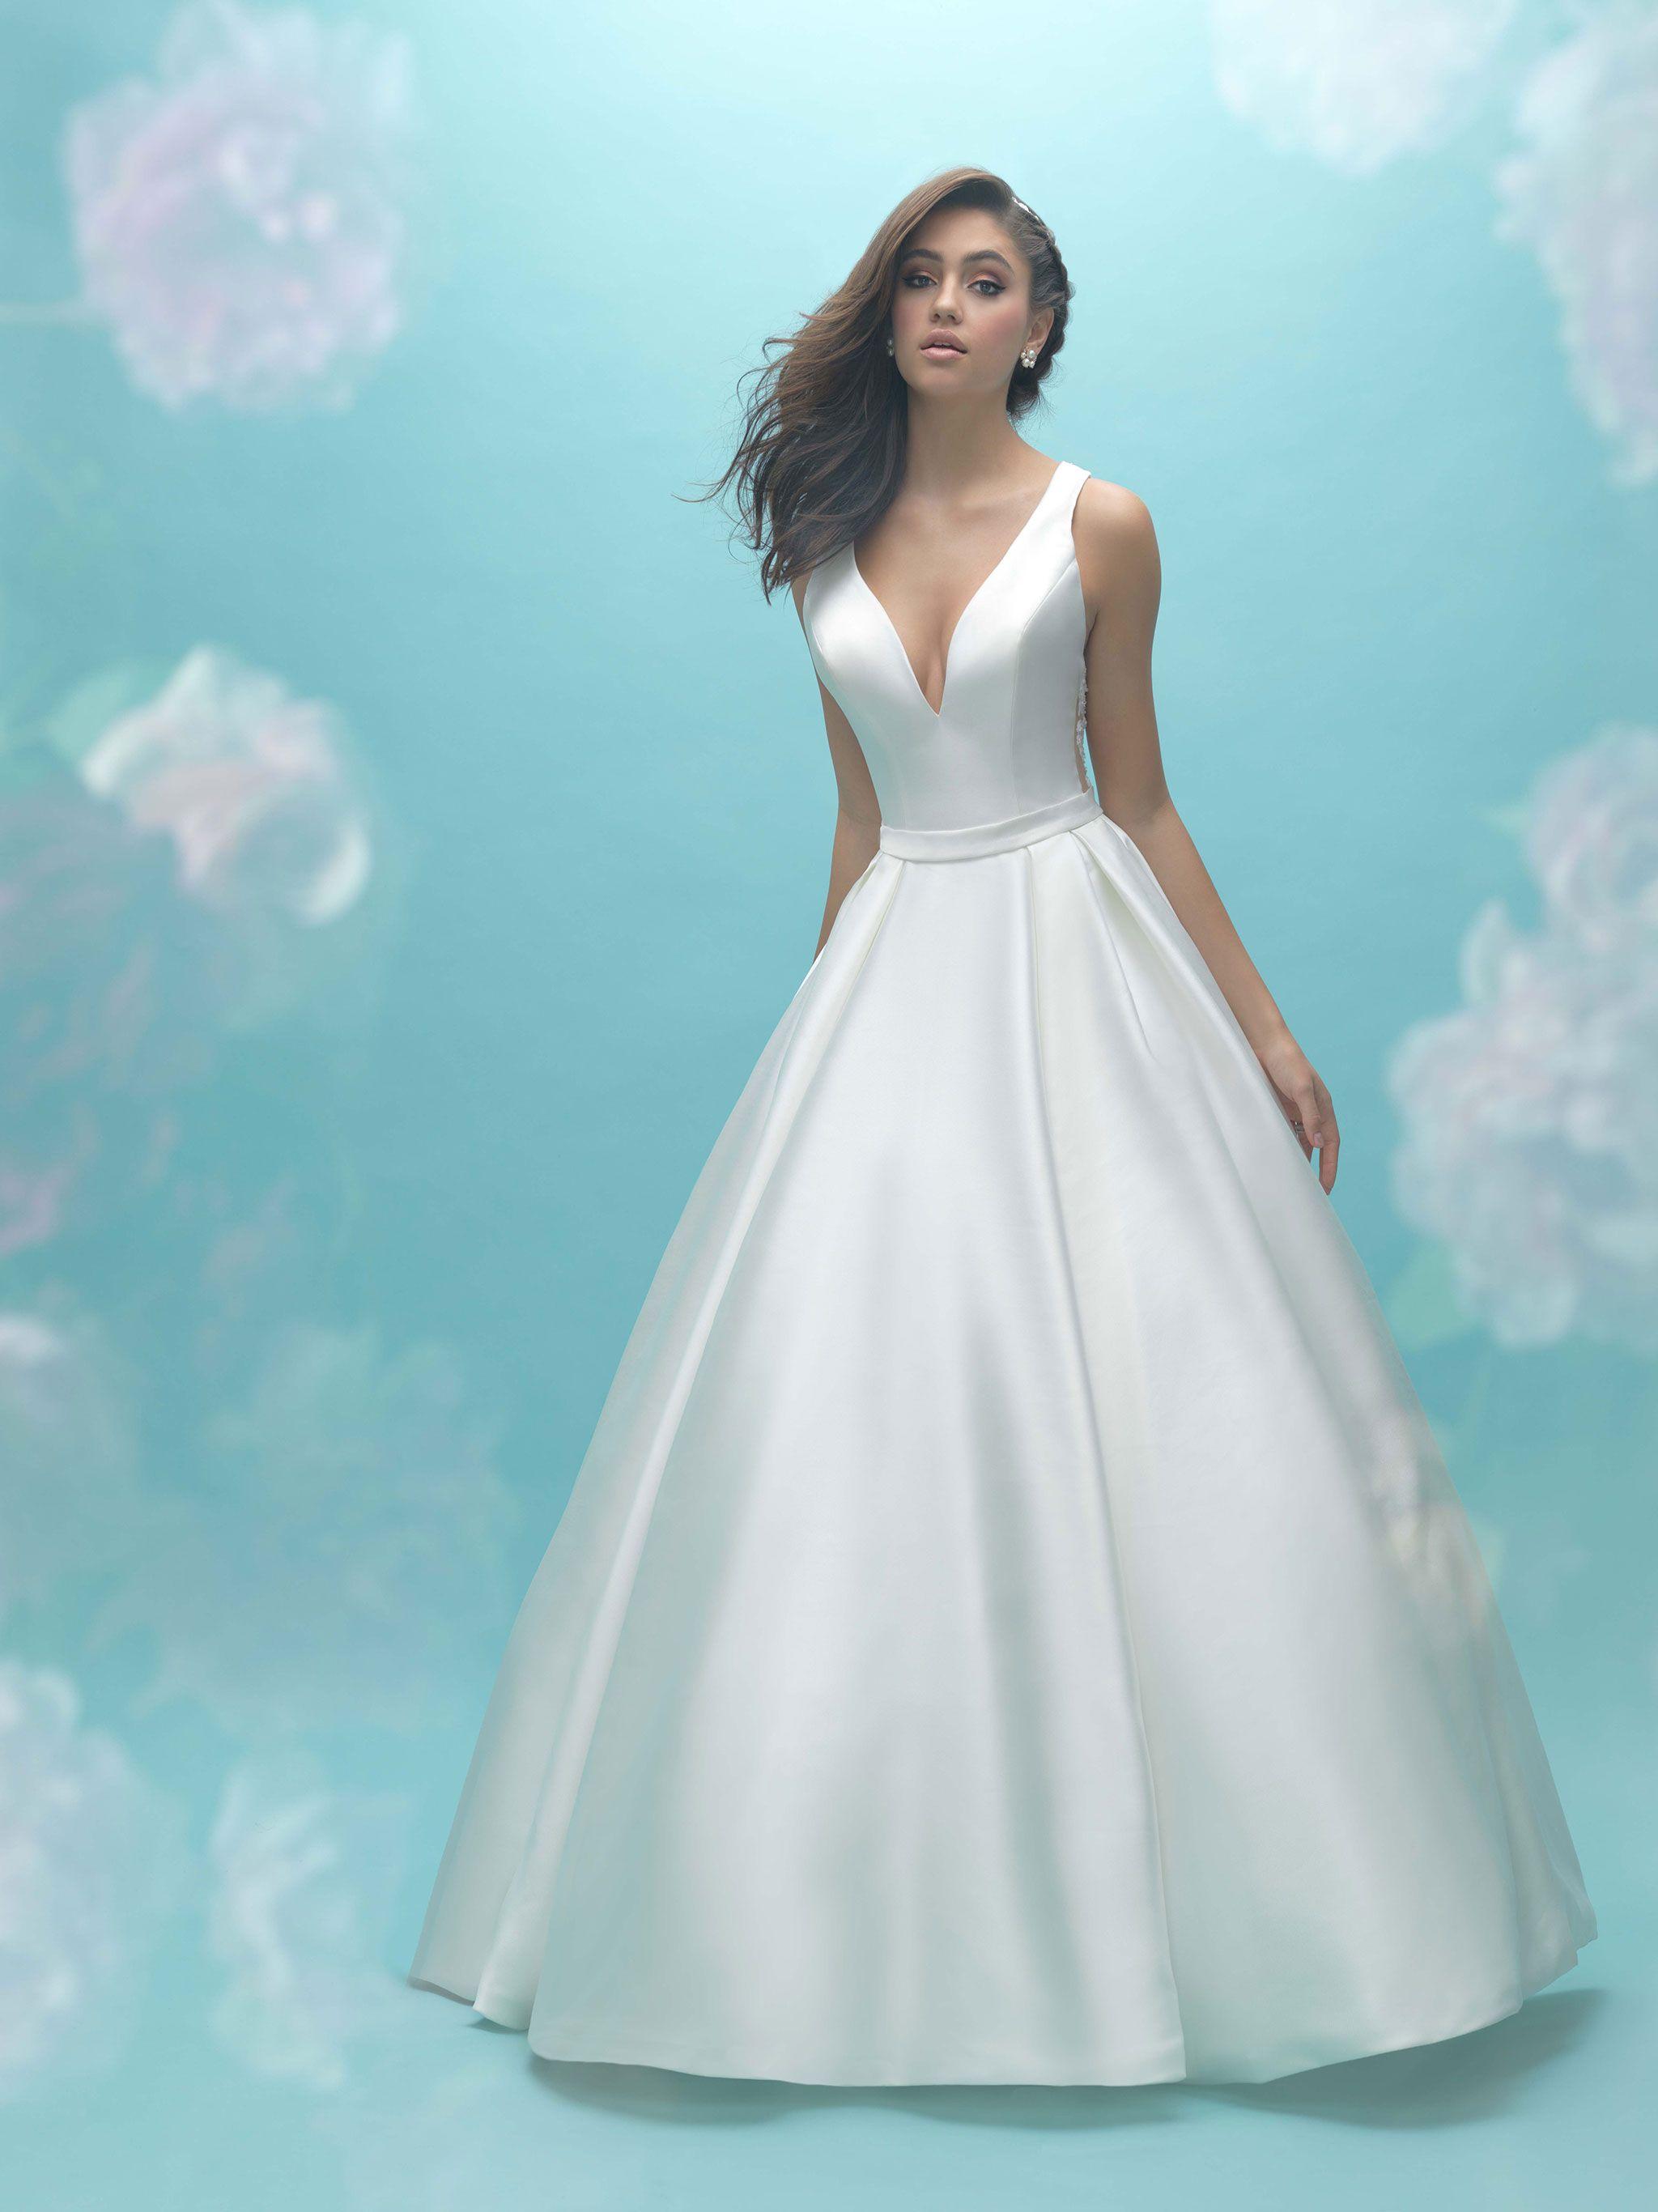 bd560b6990a Allure Bridal Wedding Dress Prices